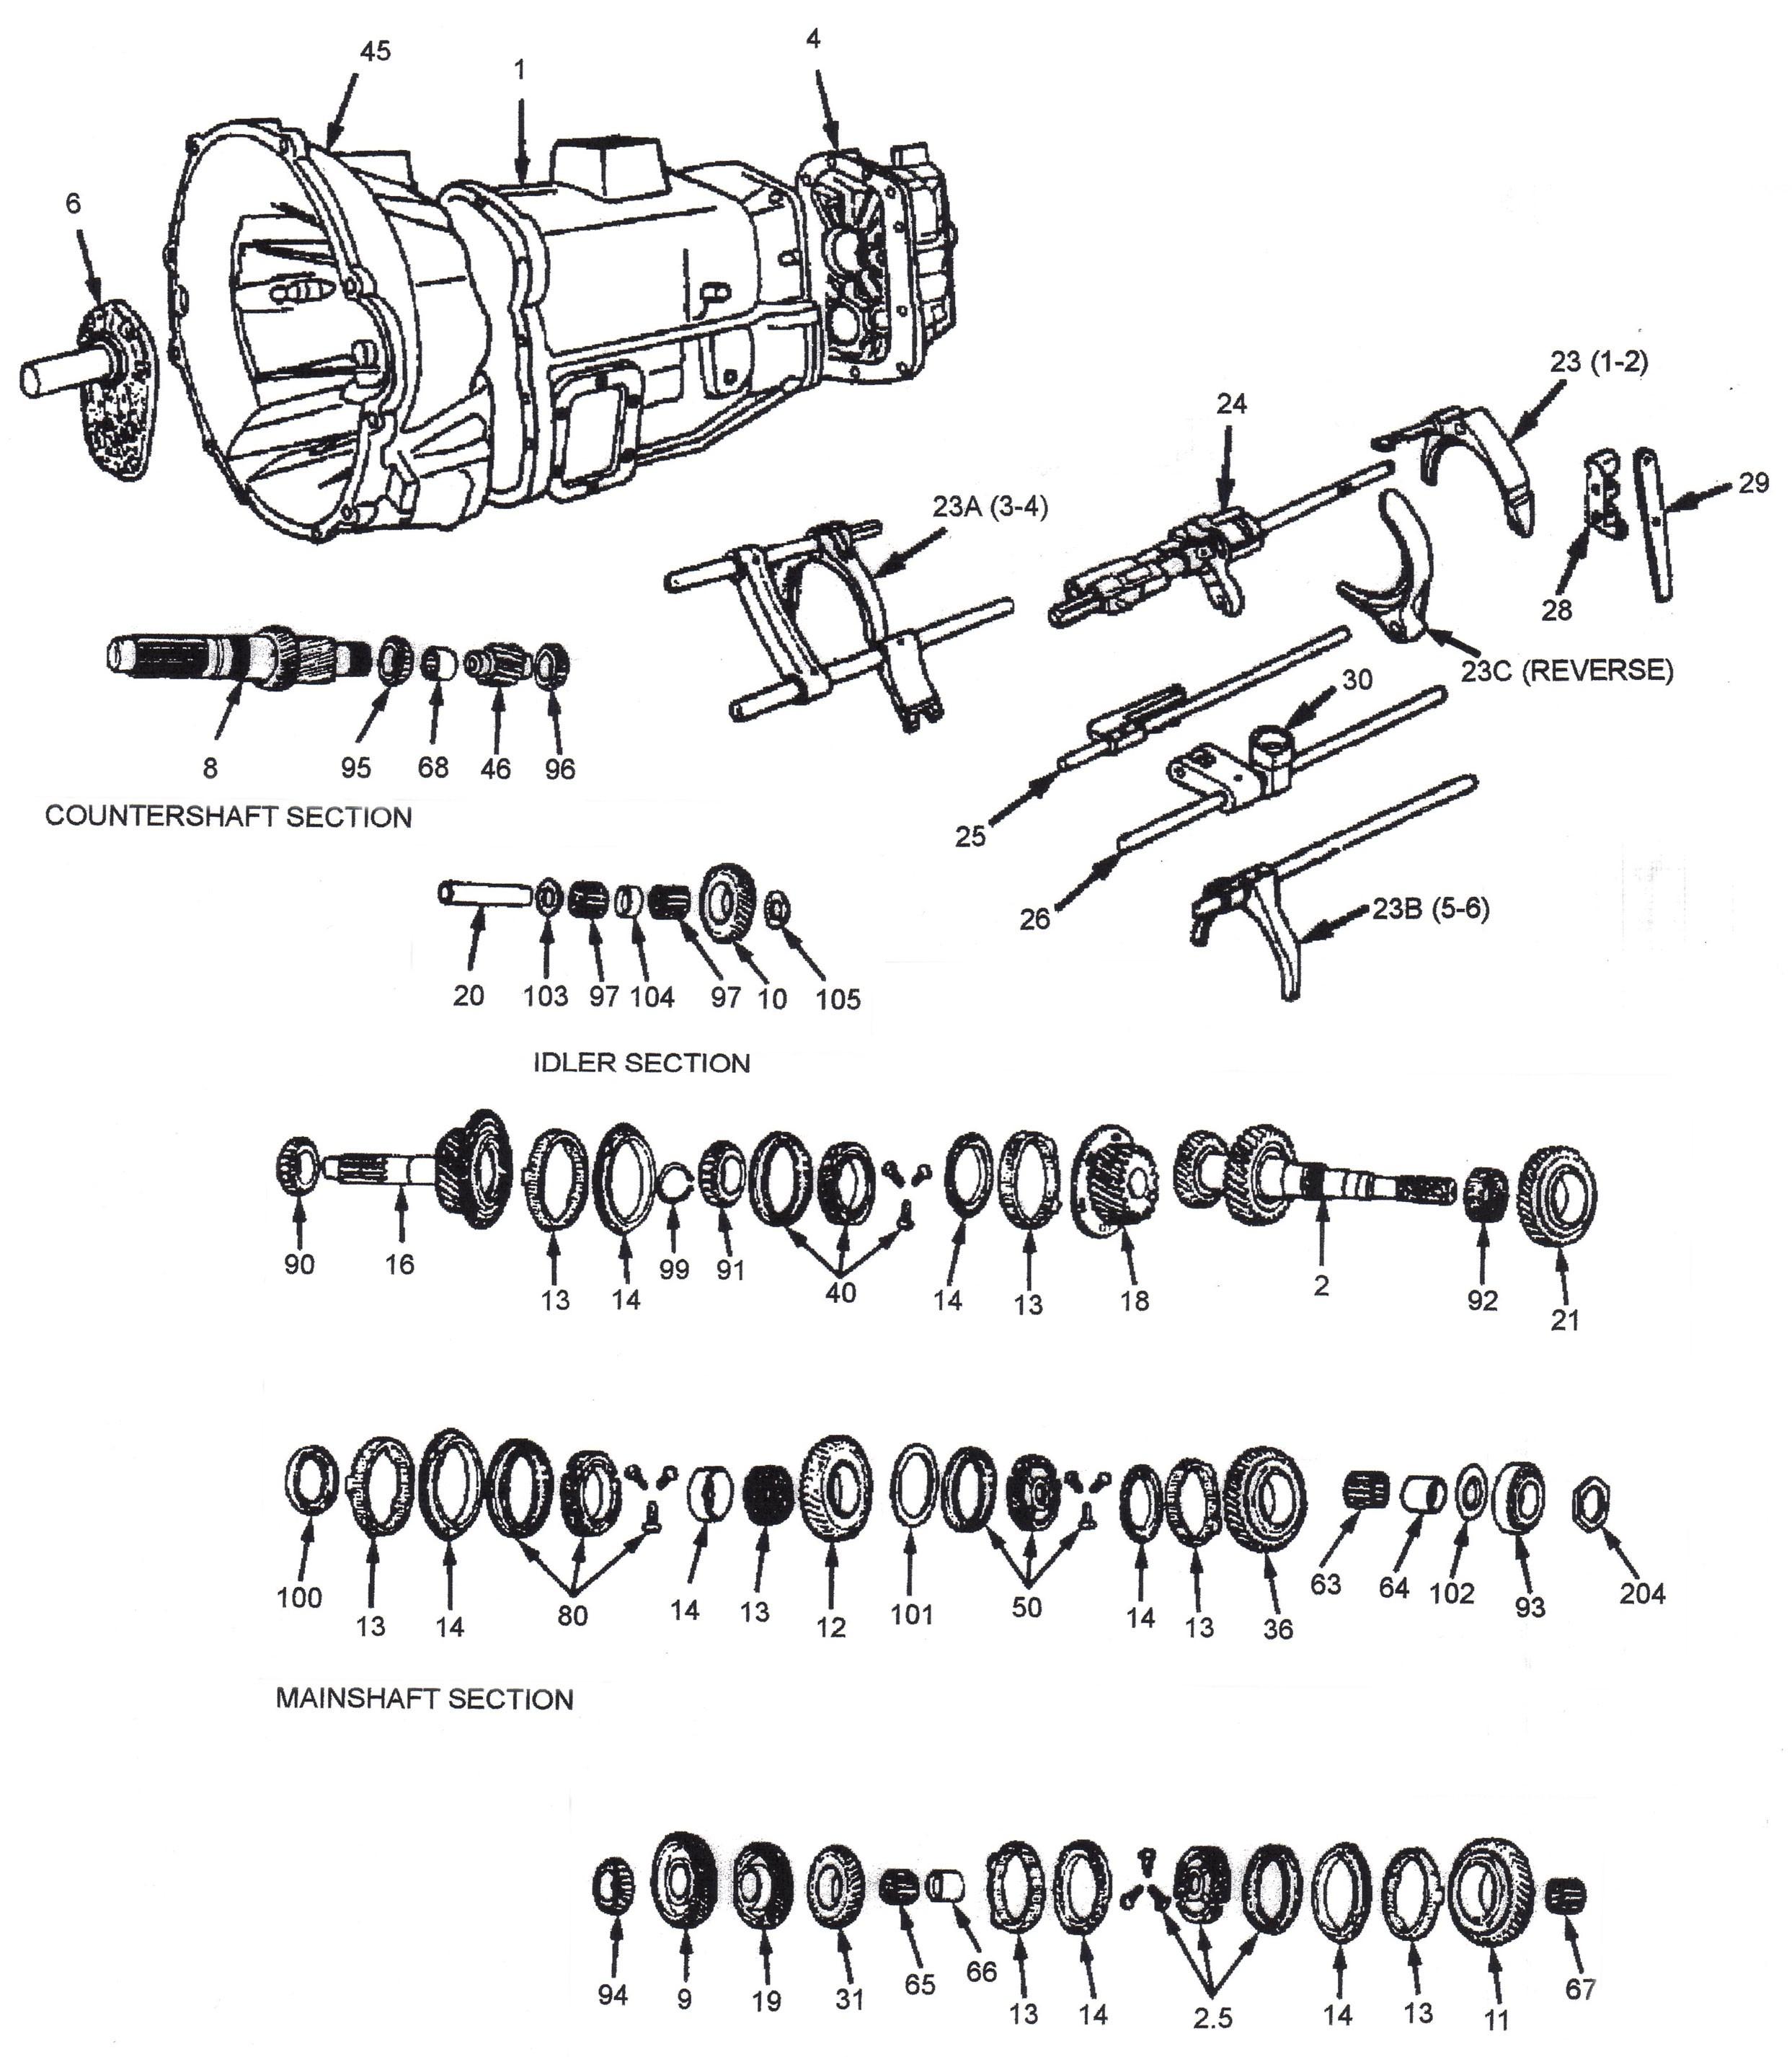 manual gearbox diagram